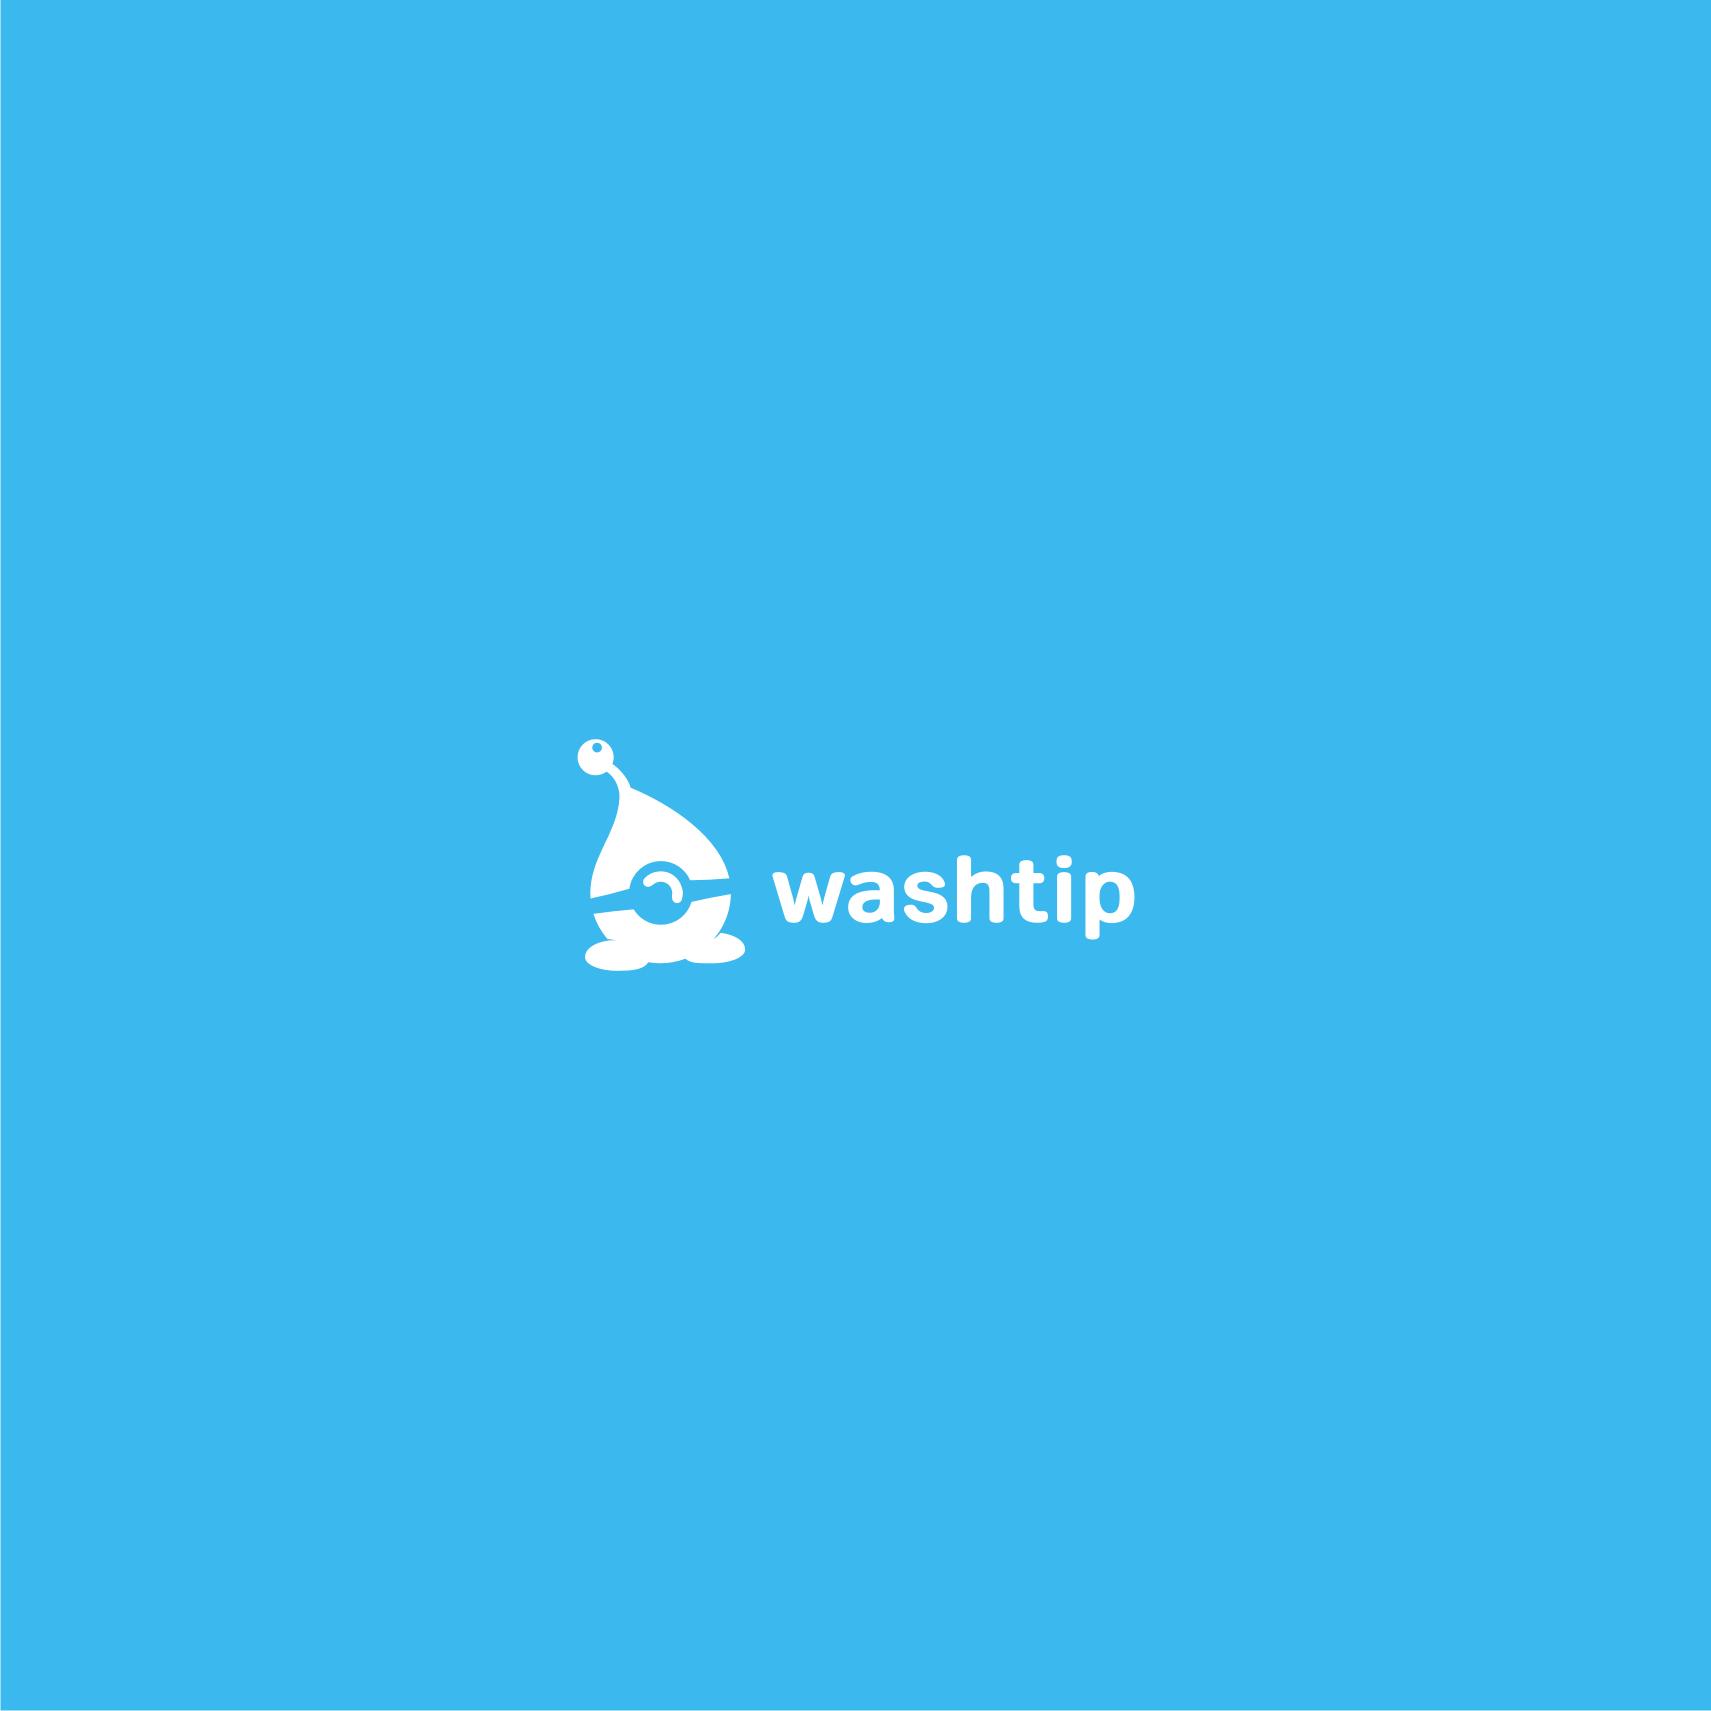 Разработка логотипа для онлайн-сервиса химчистки фото f_4705c0aa63a325ab.png